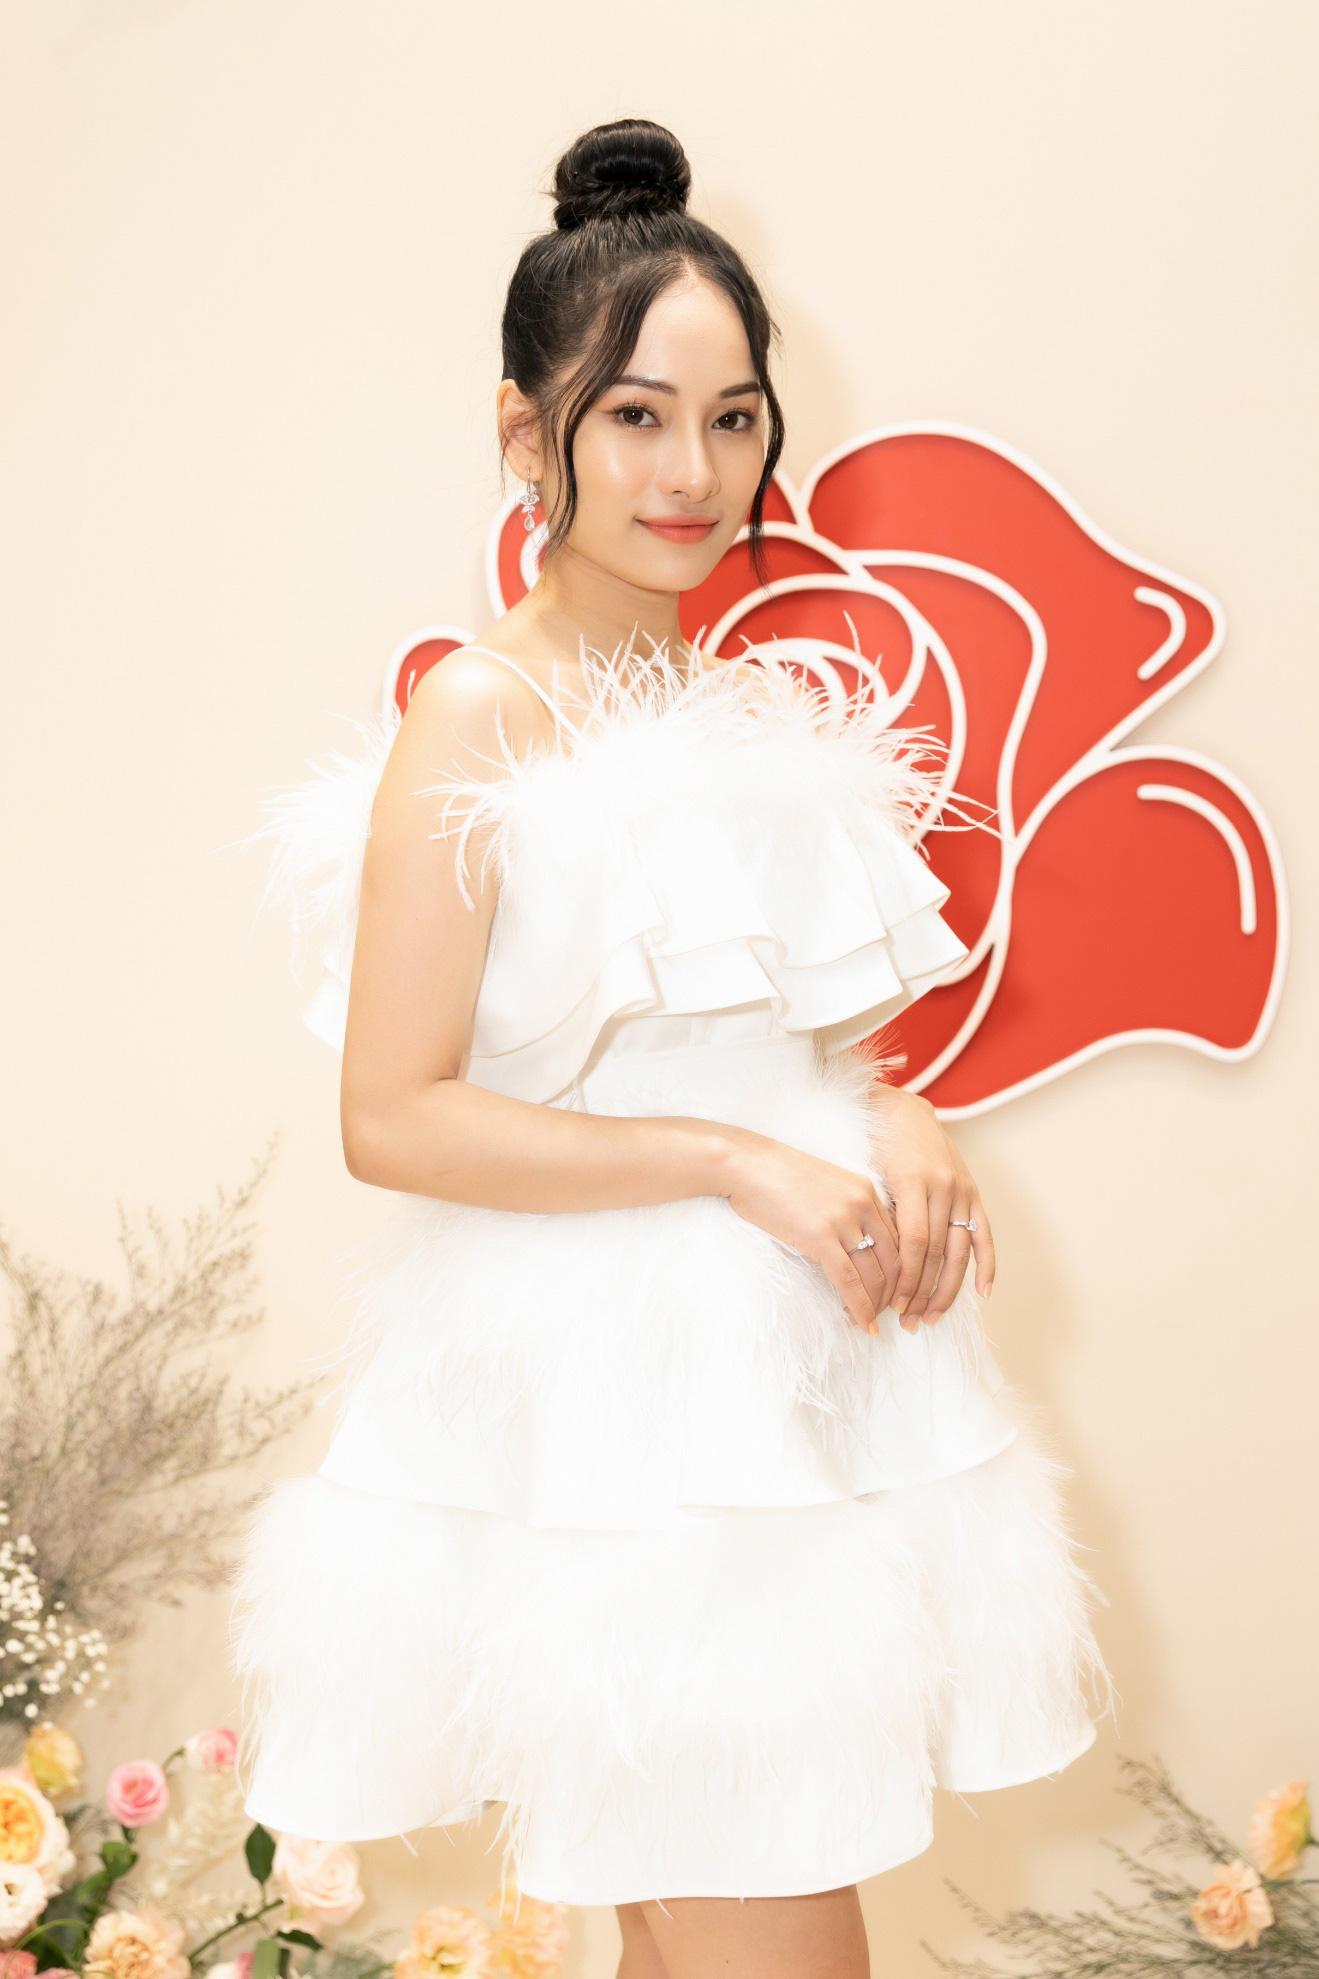 Angela Phương Trinh chính thức trở thành đại sứ thương hiệu thời trang Cindy C. - Ảnh 10.